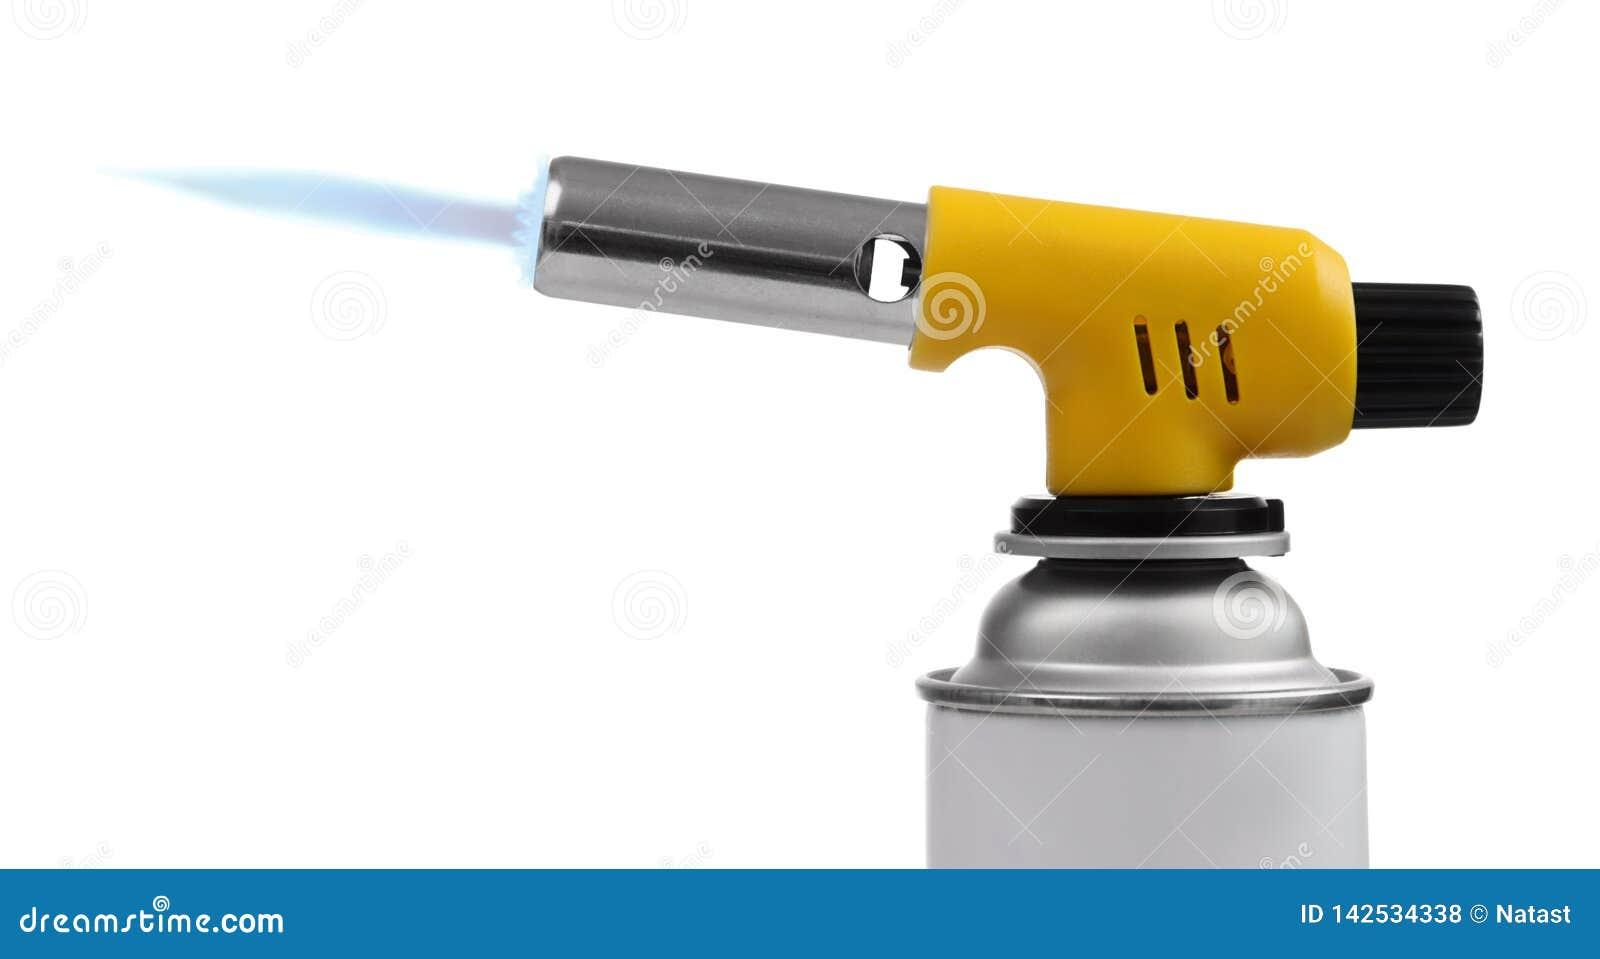 Manueller Gasfackelbrenner auf Spray kann mit blauer Flamme auf Weiß